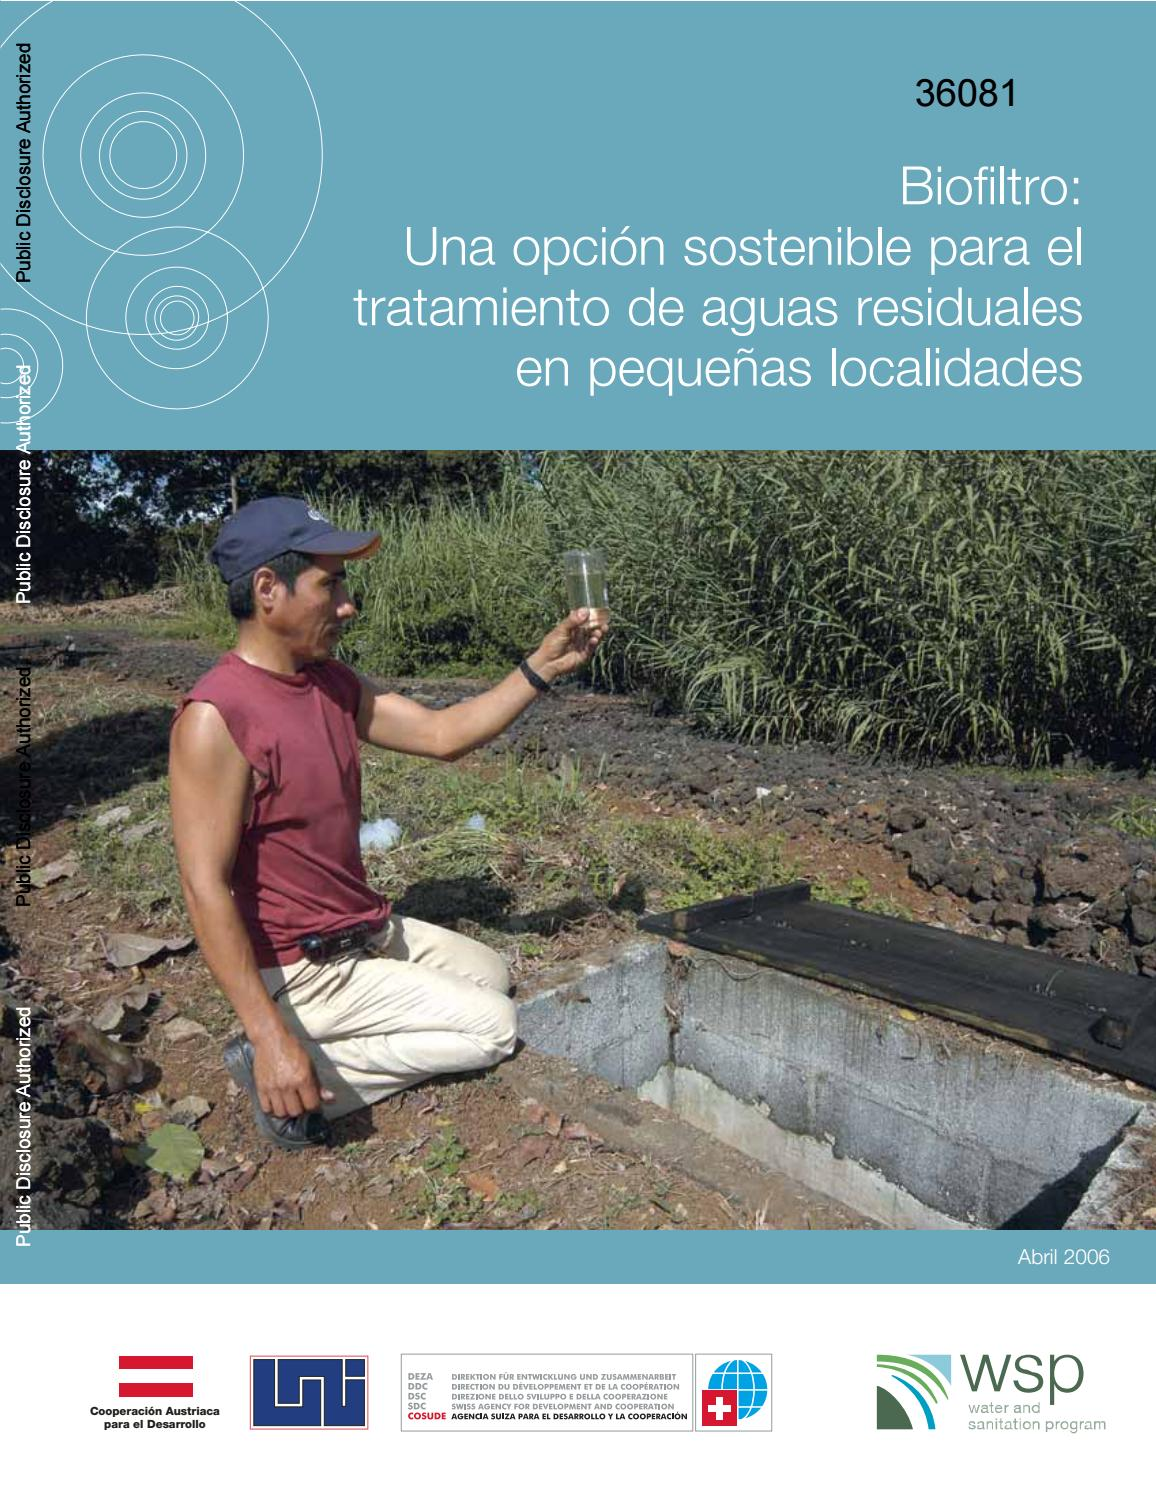 Cómo matar los parásitos que se encuentran en las aguas residuales crudas